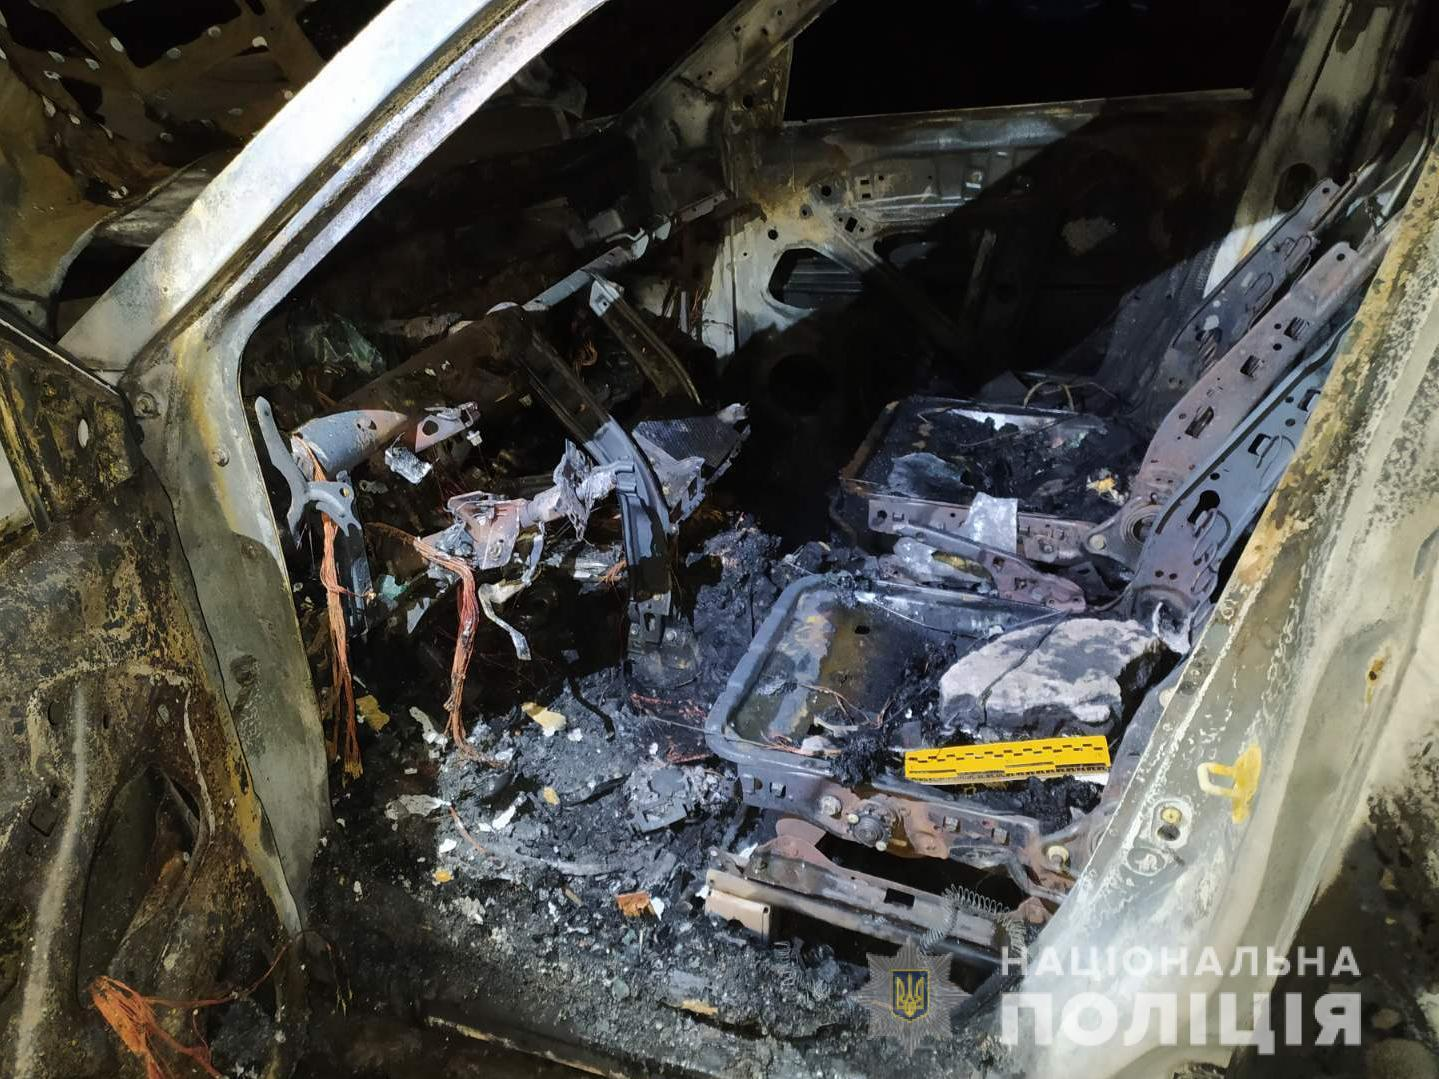 Салон згорілого авто